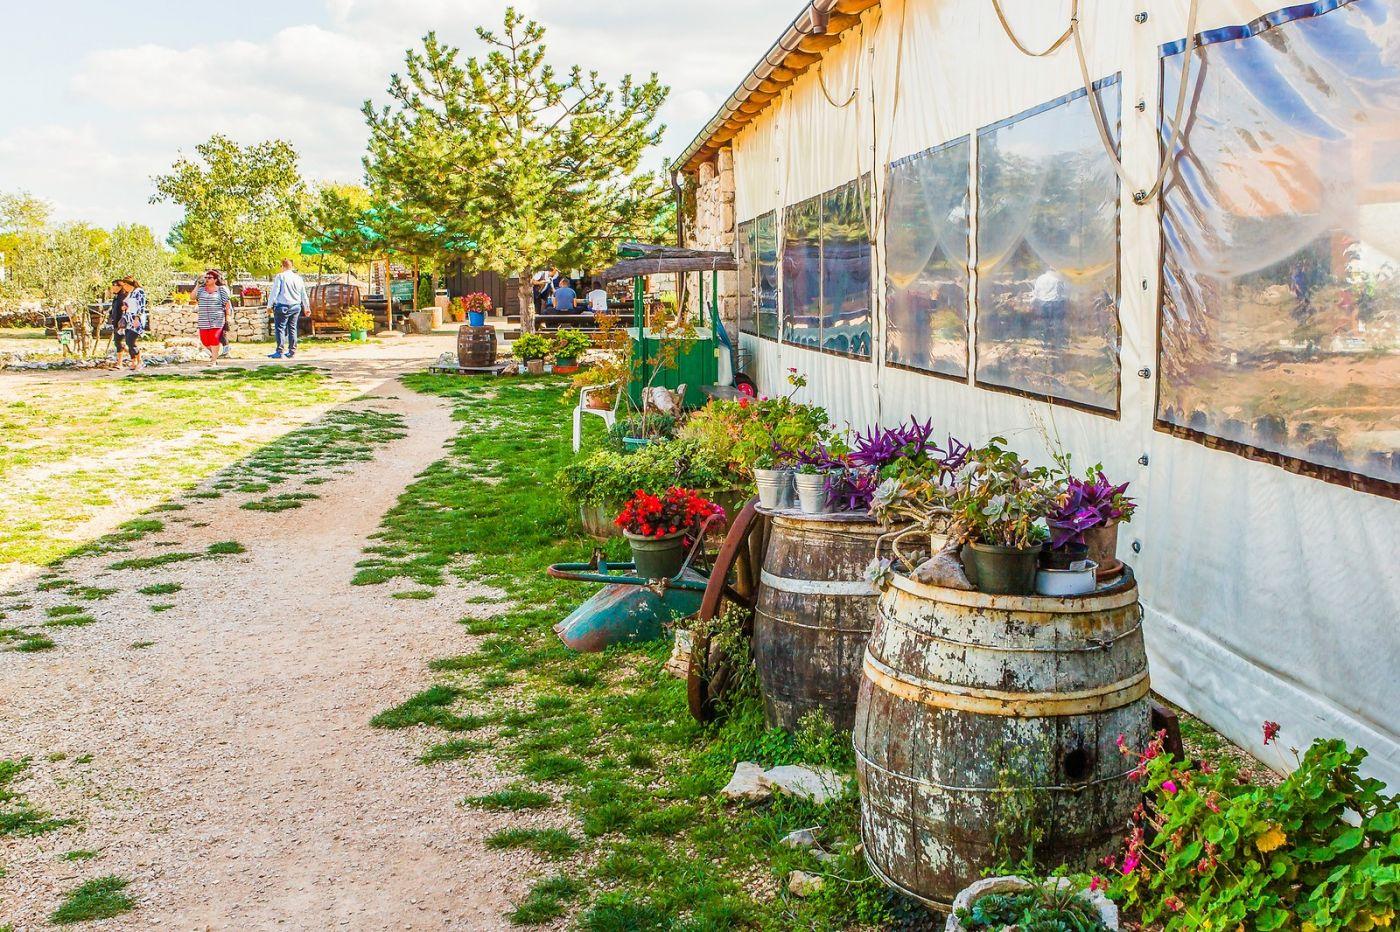 克罗地亚达尔马提亚村,独特的地域风貌_图1-31